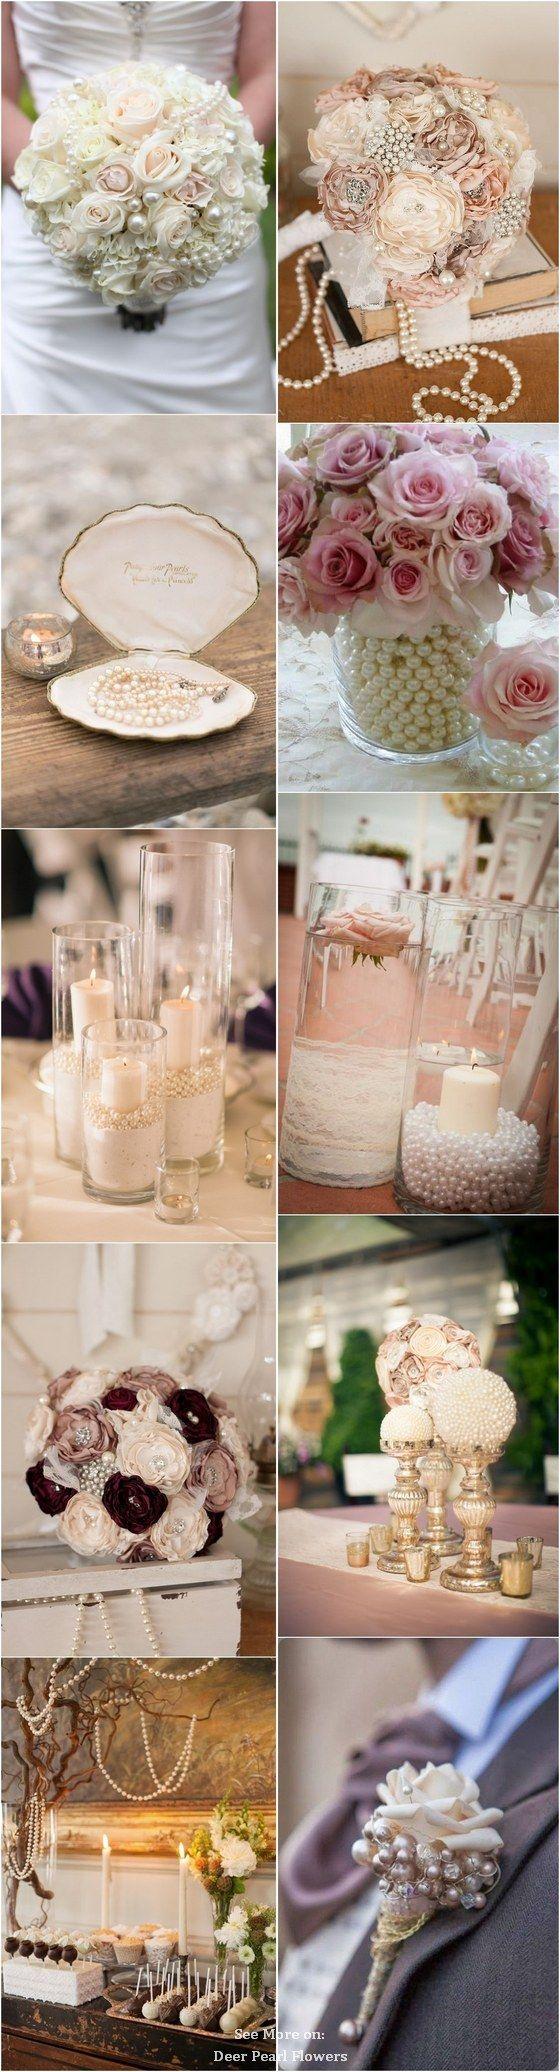 best 25+ vintage pearls ideas on pinterest | pearl wedding